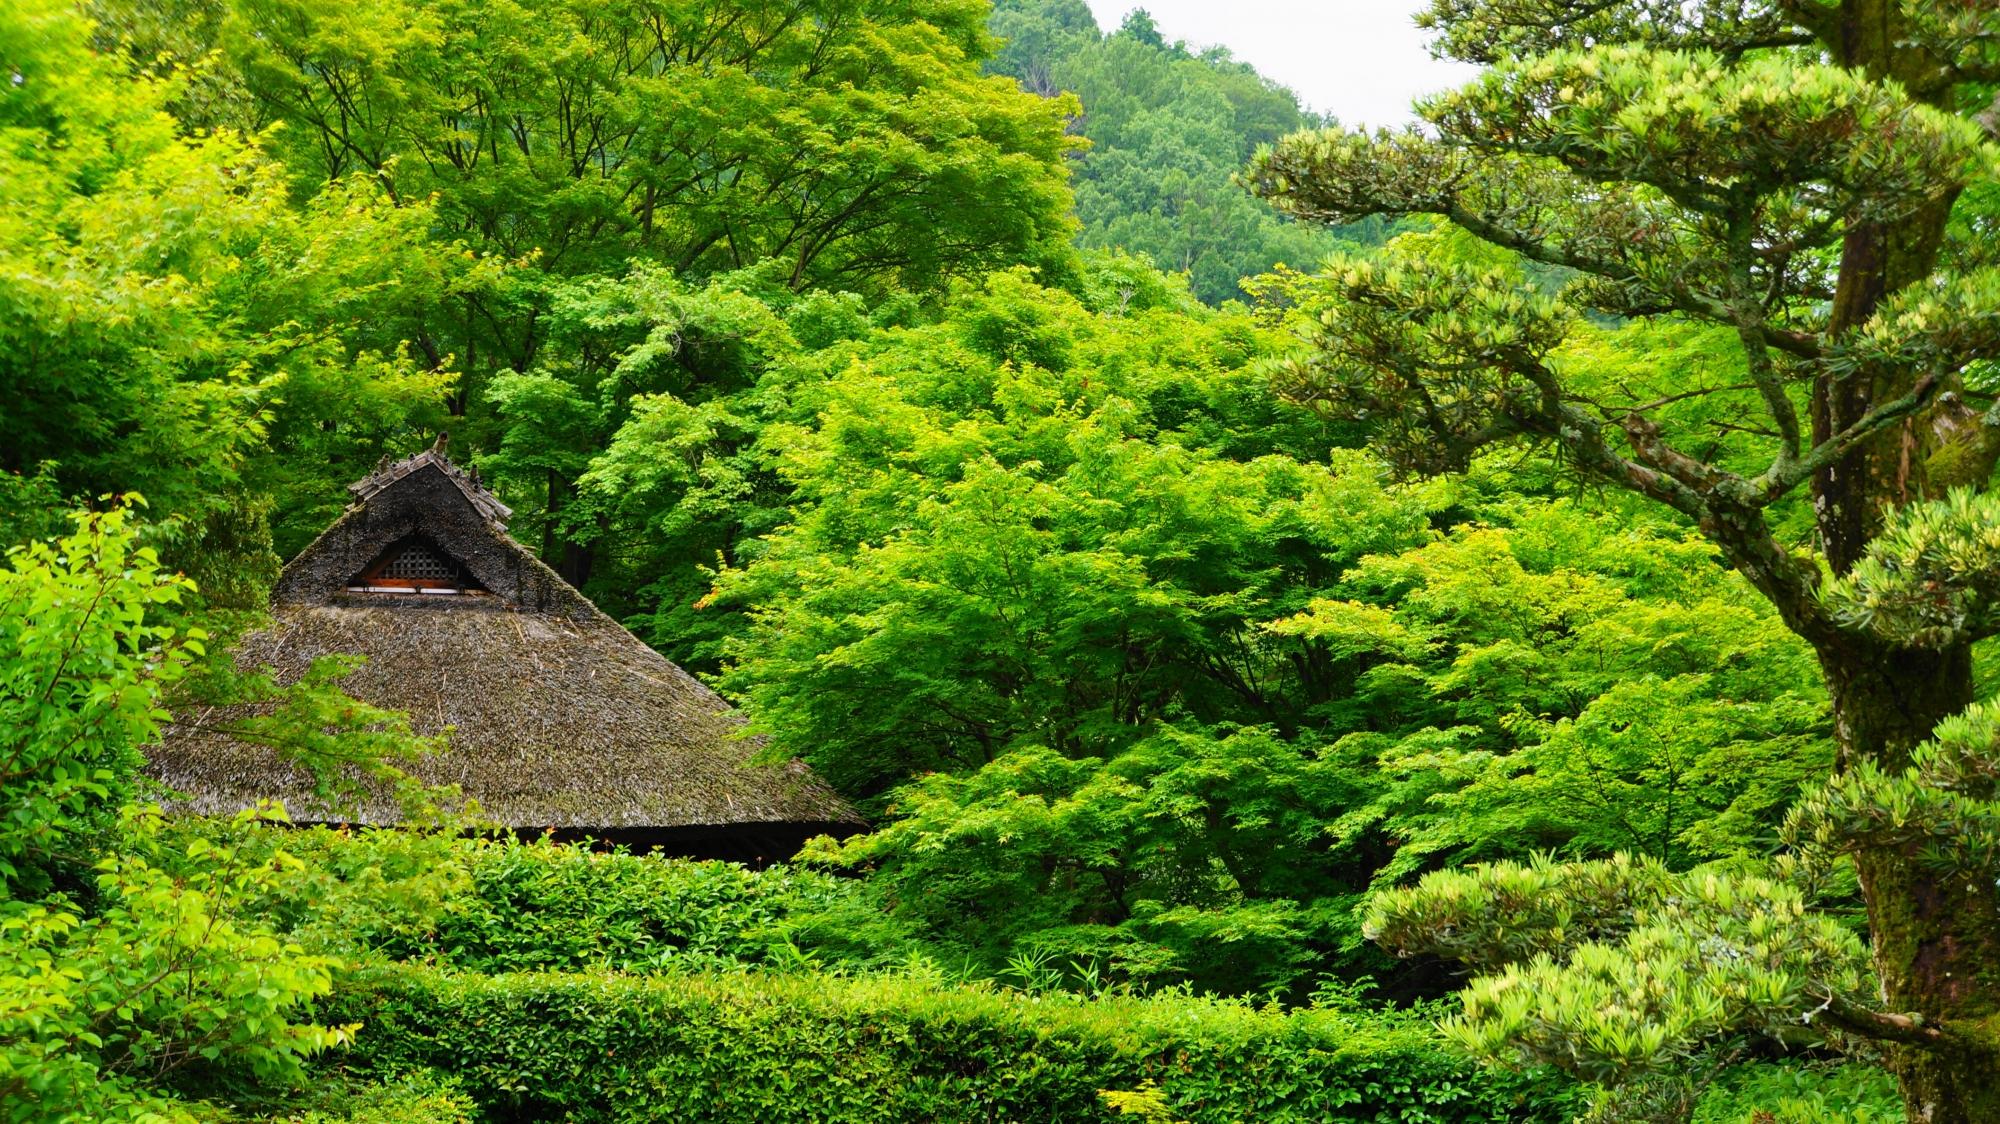 圧倒的な緑につつまれる金福寺の茅葺屋根の芭蕉庵